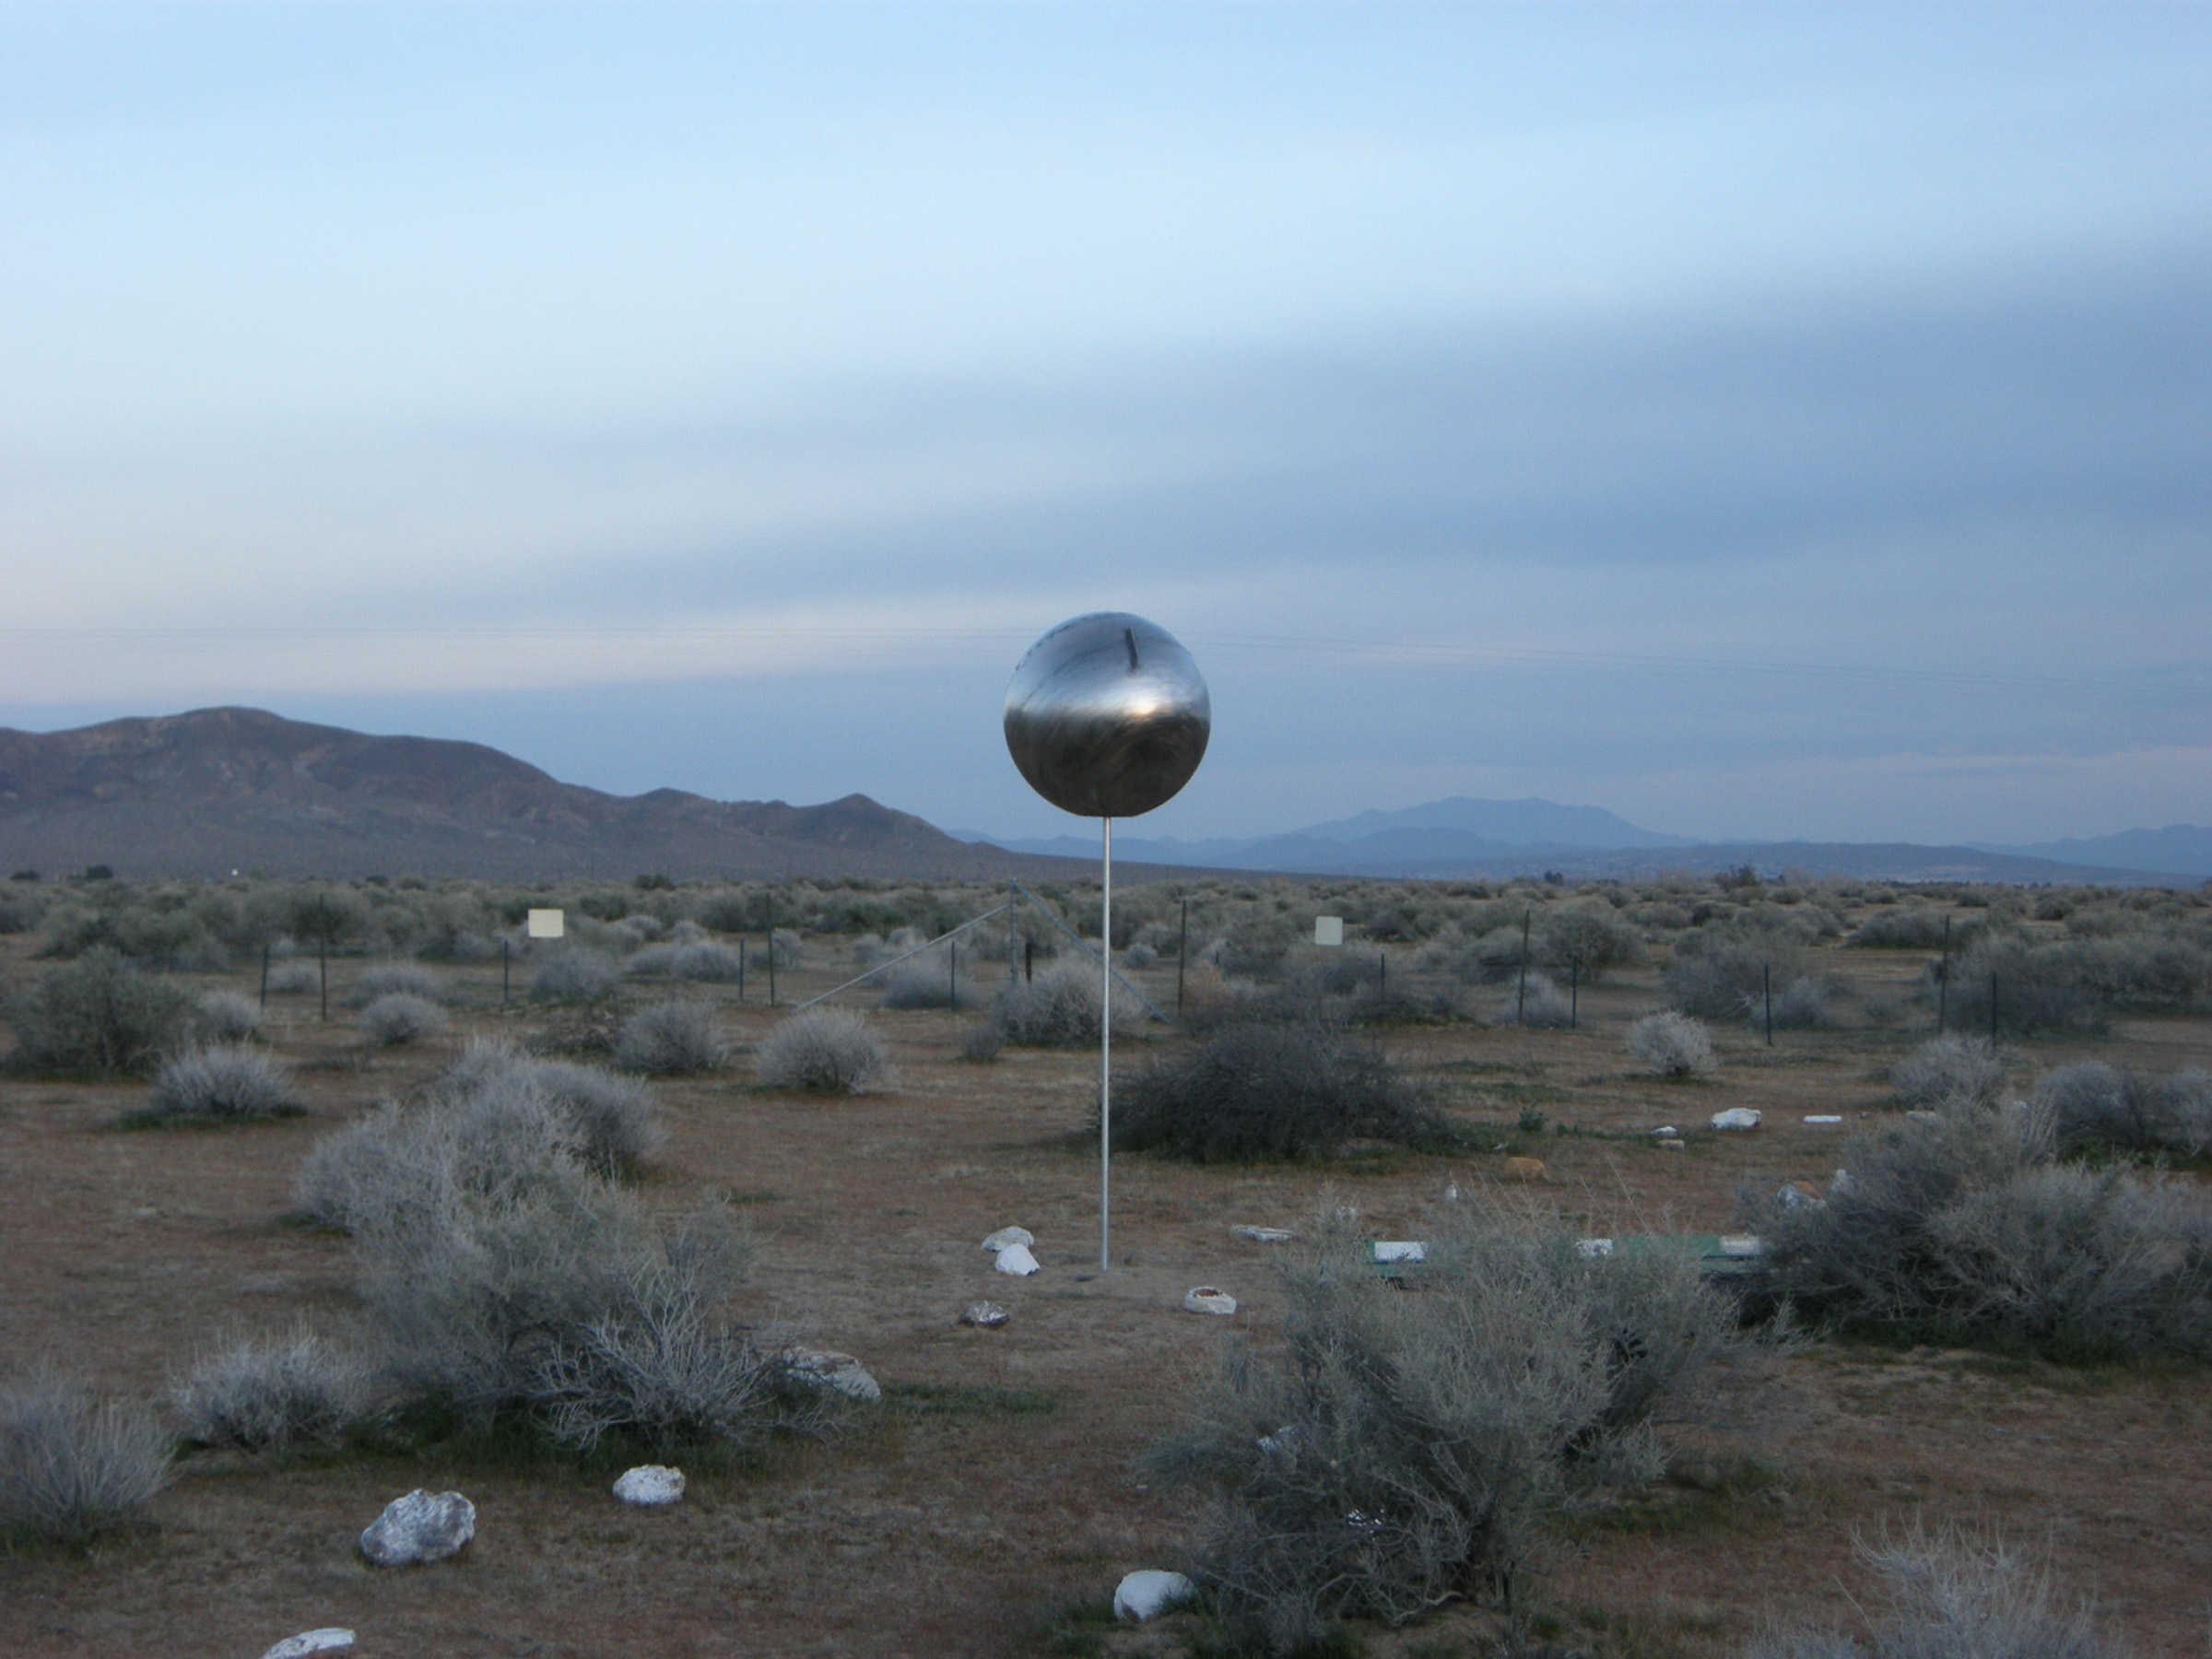 Deborah Stratman i Steve Badgett, Ball and Horns: Desert Resonator